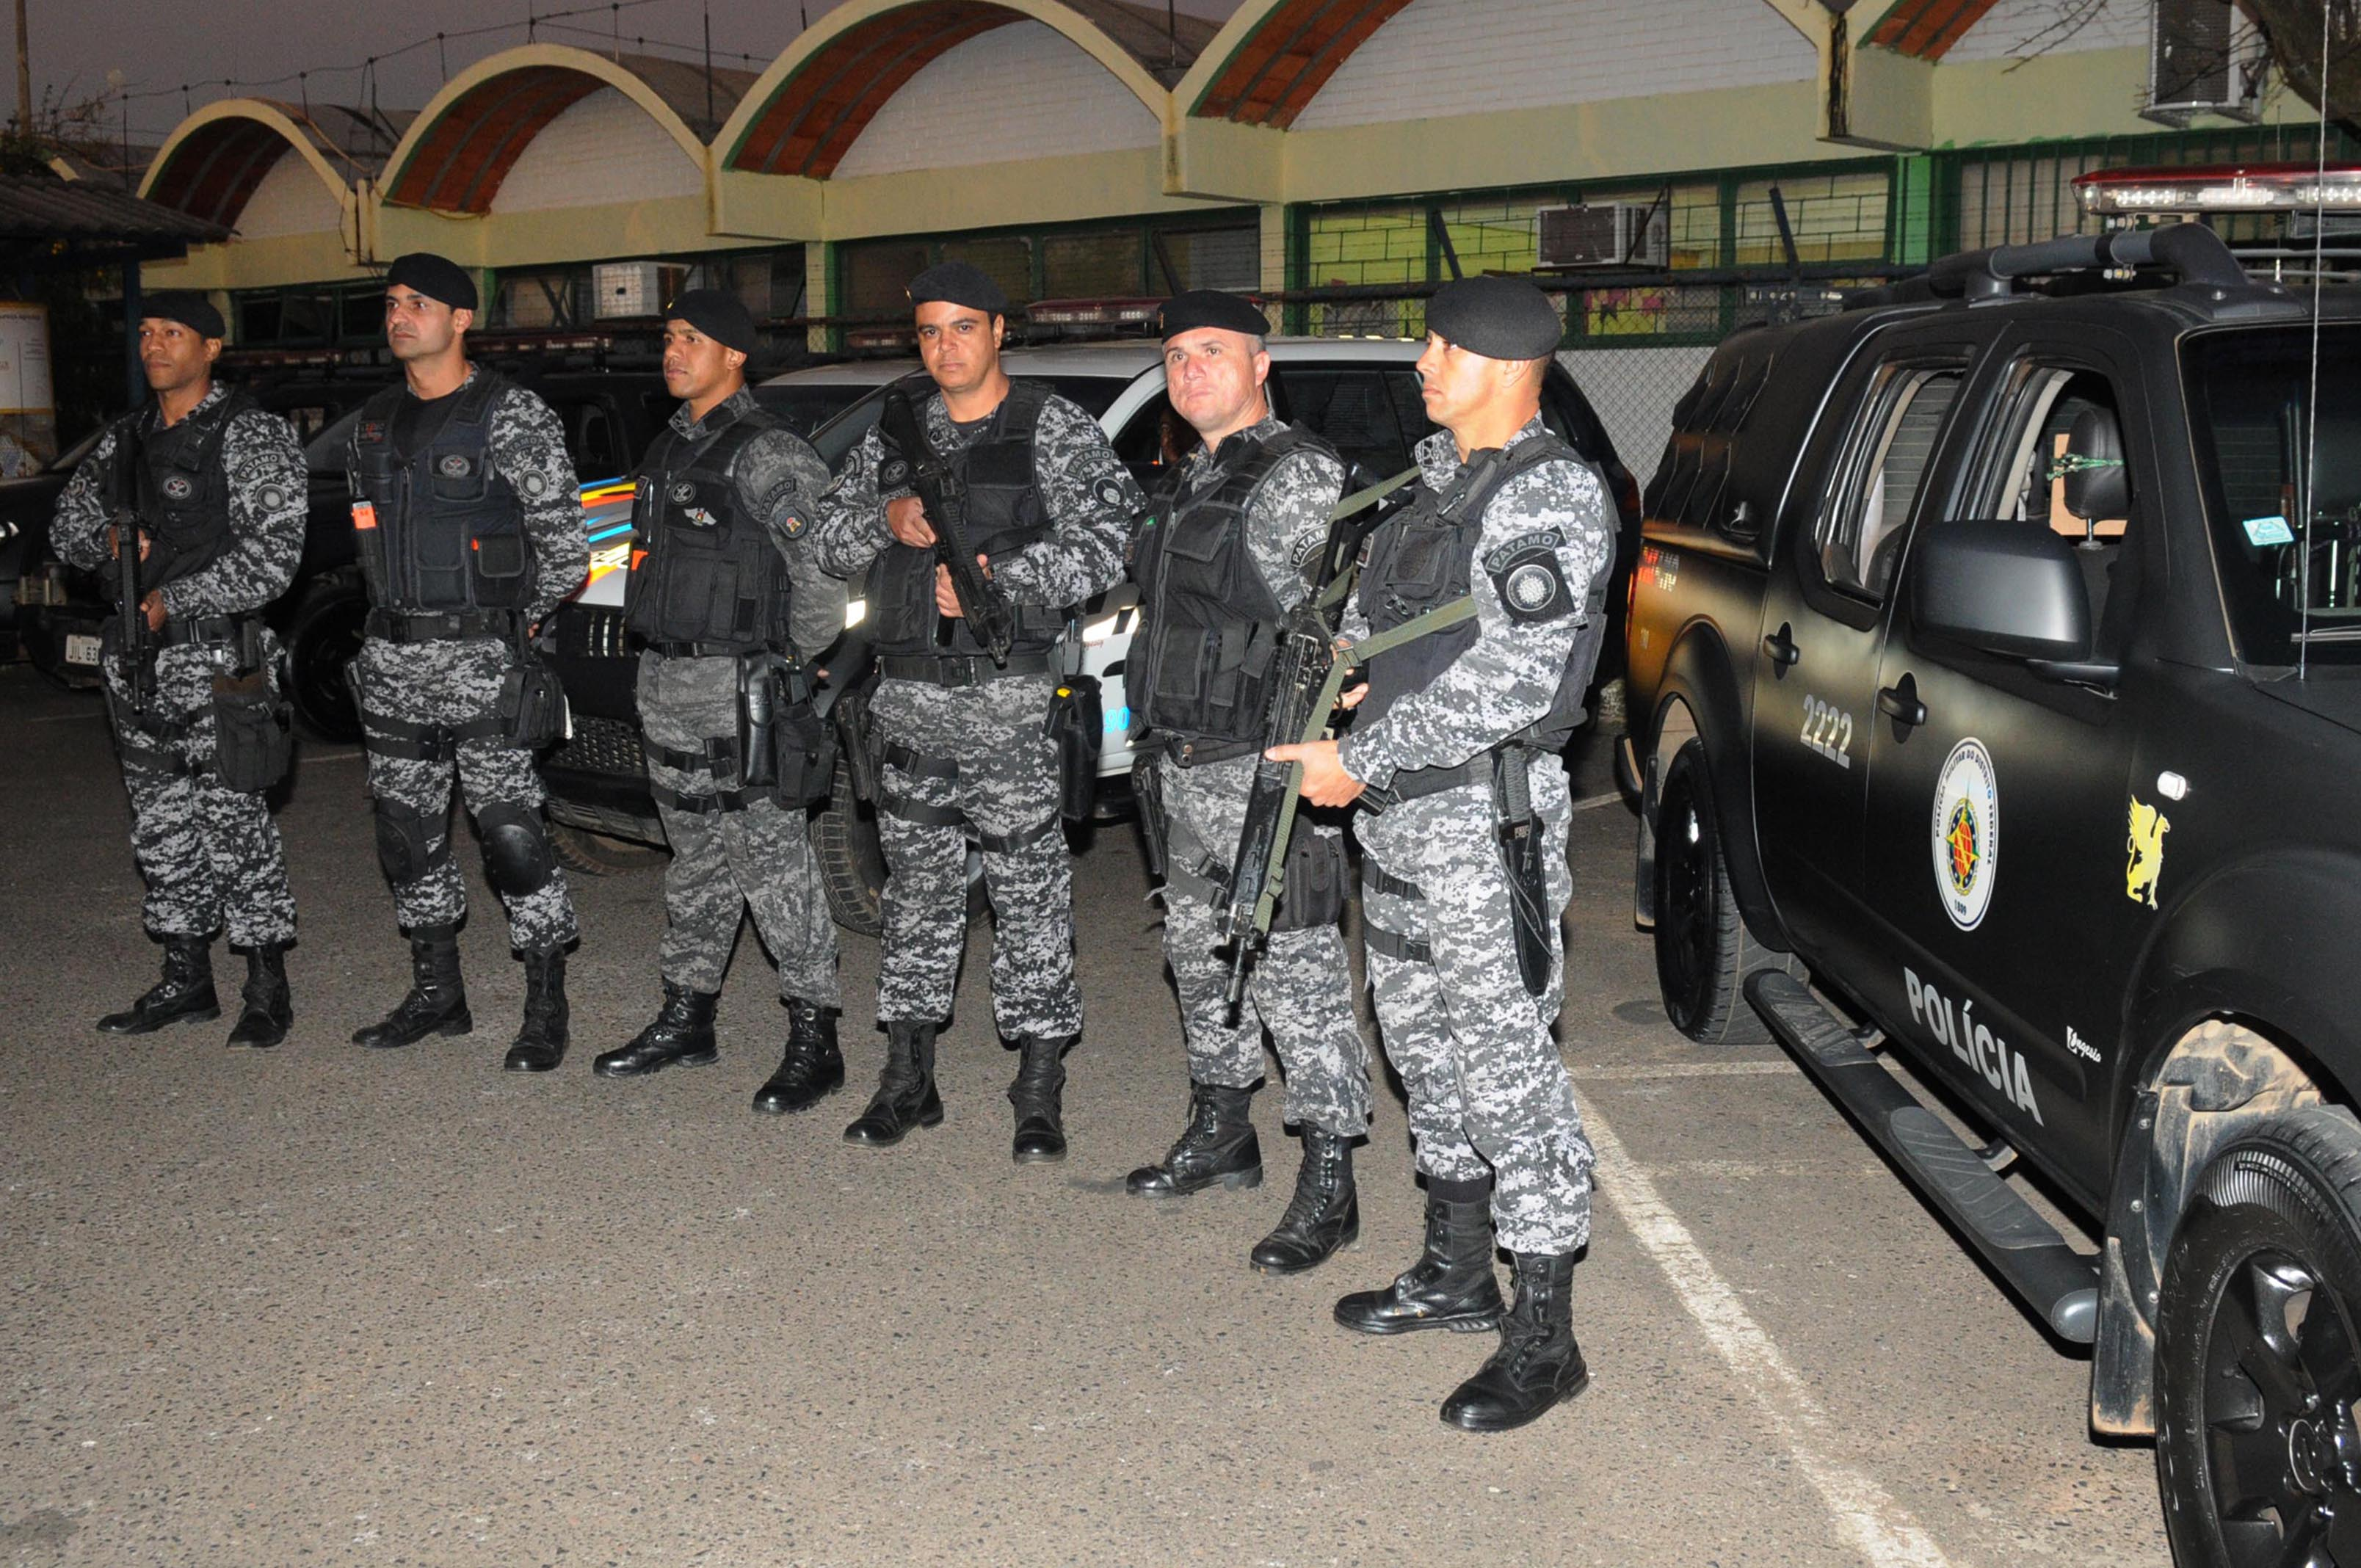 Segurança - policiais - PM polícia militar viatura policial repressivo ostensivo